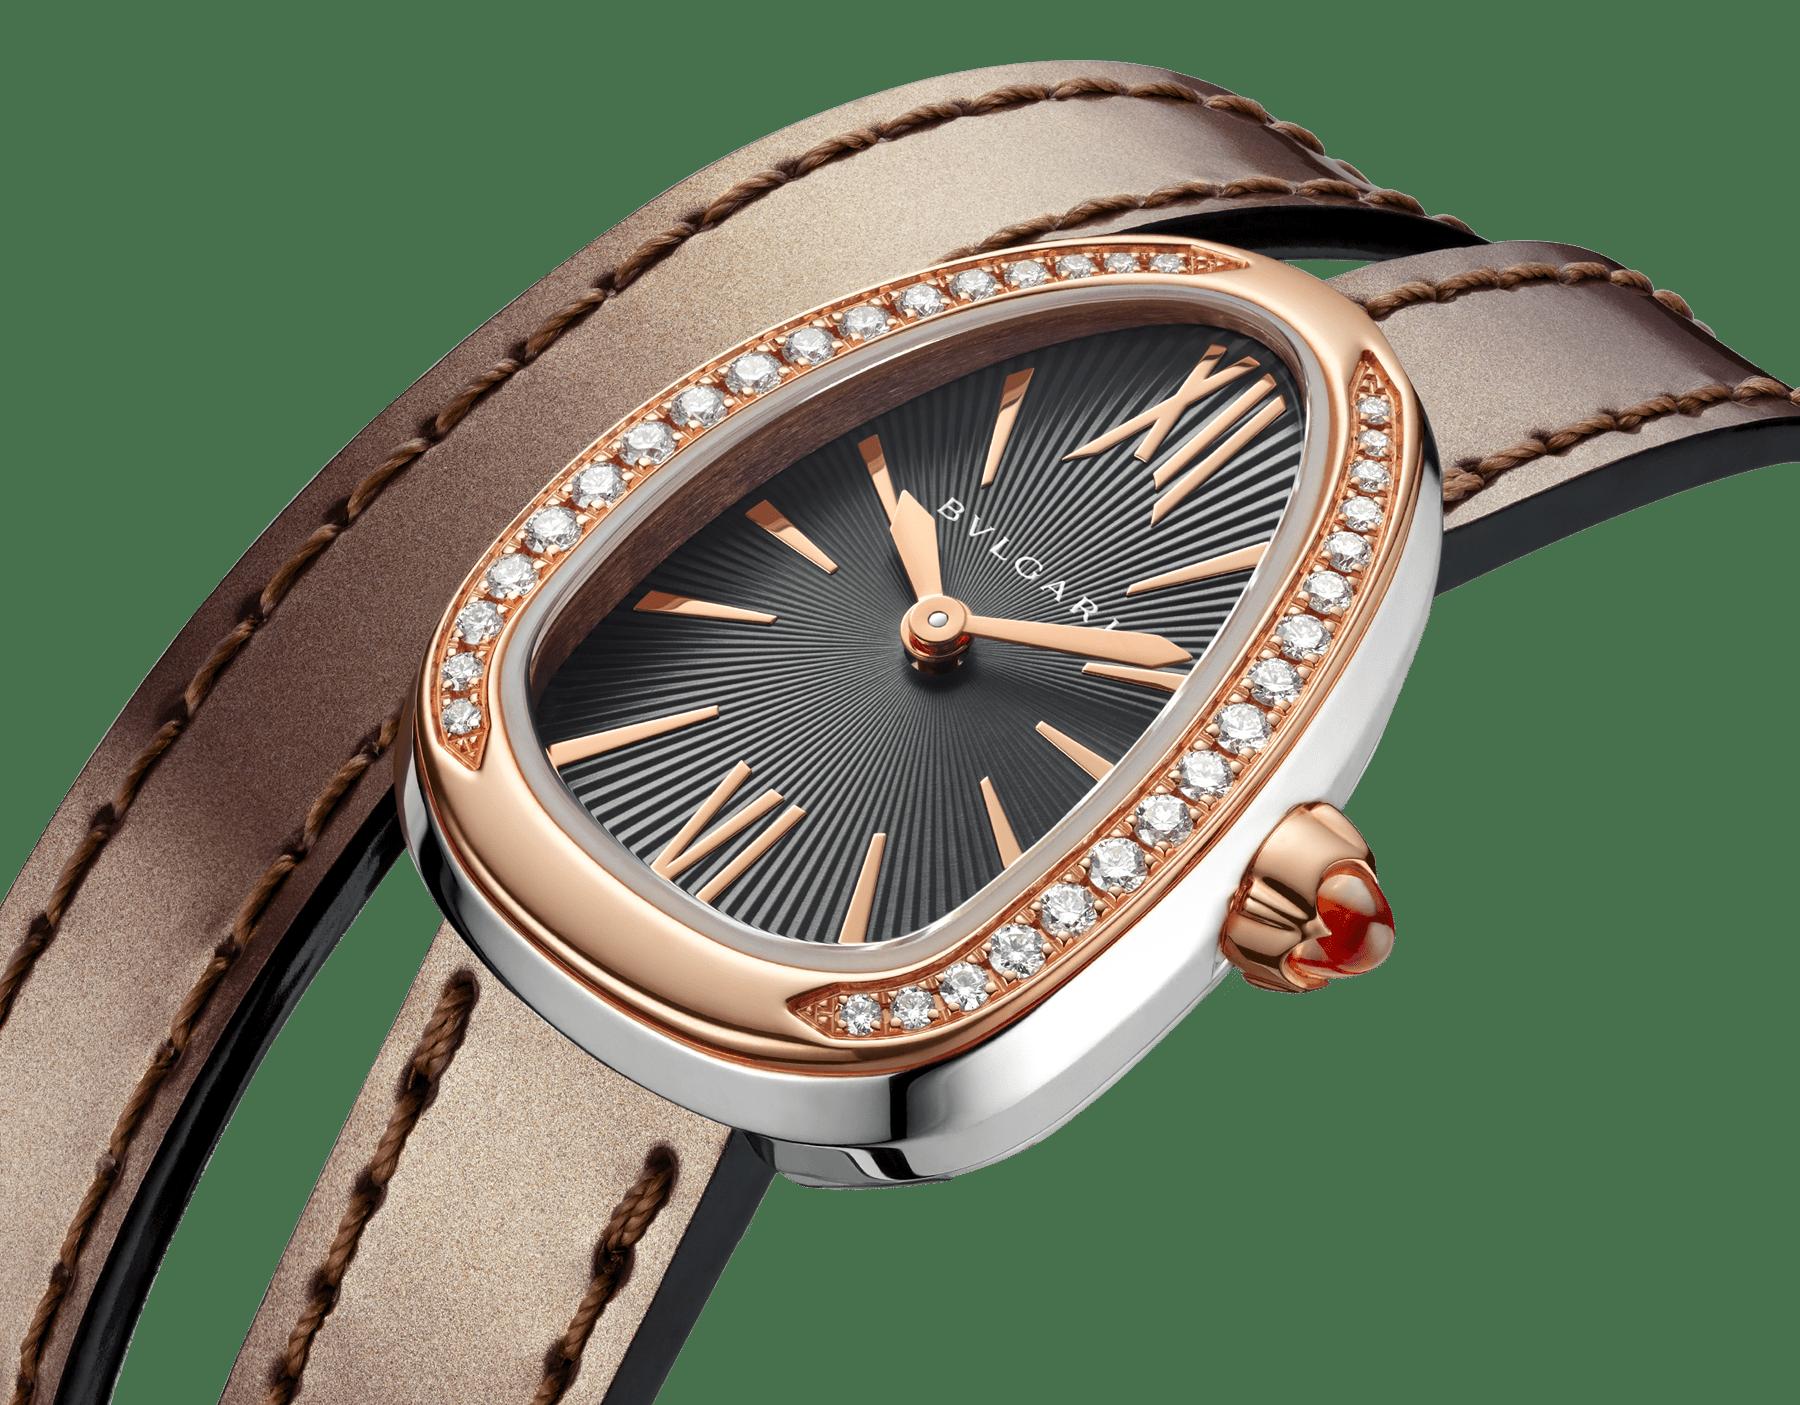 Relógio Serpenti com caixa em aço inoxidável, bezel em ouro rosa 18 K cravejado com diamantes, mostrador laqueado cinza e pulseira de duas voltas intercambiável em couro de novilho bronze antigo metálico escovado. 102968 image 3